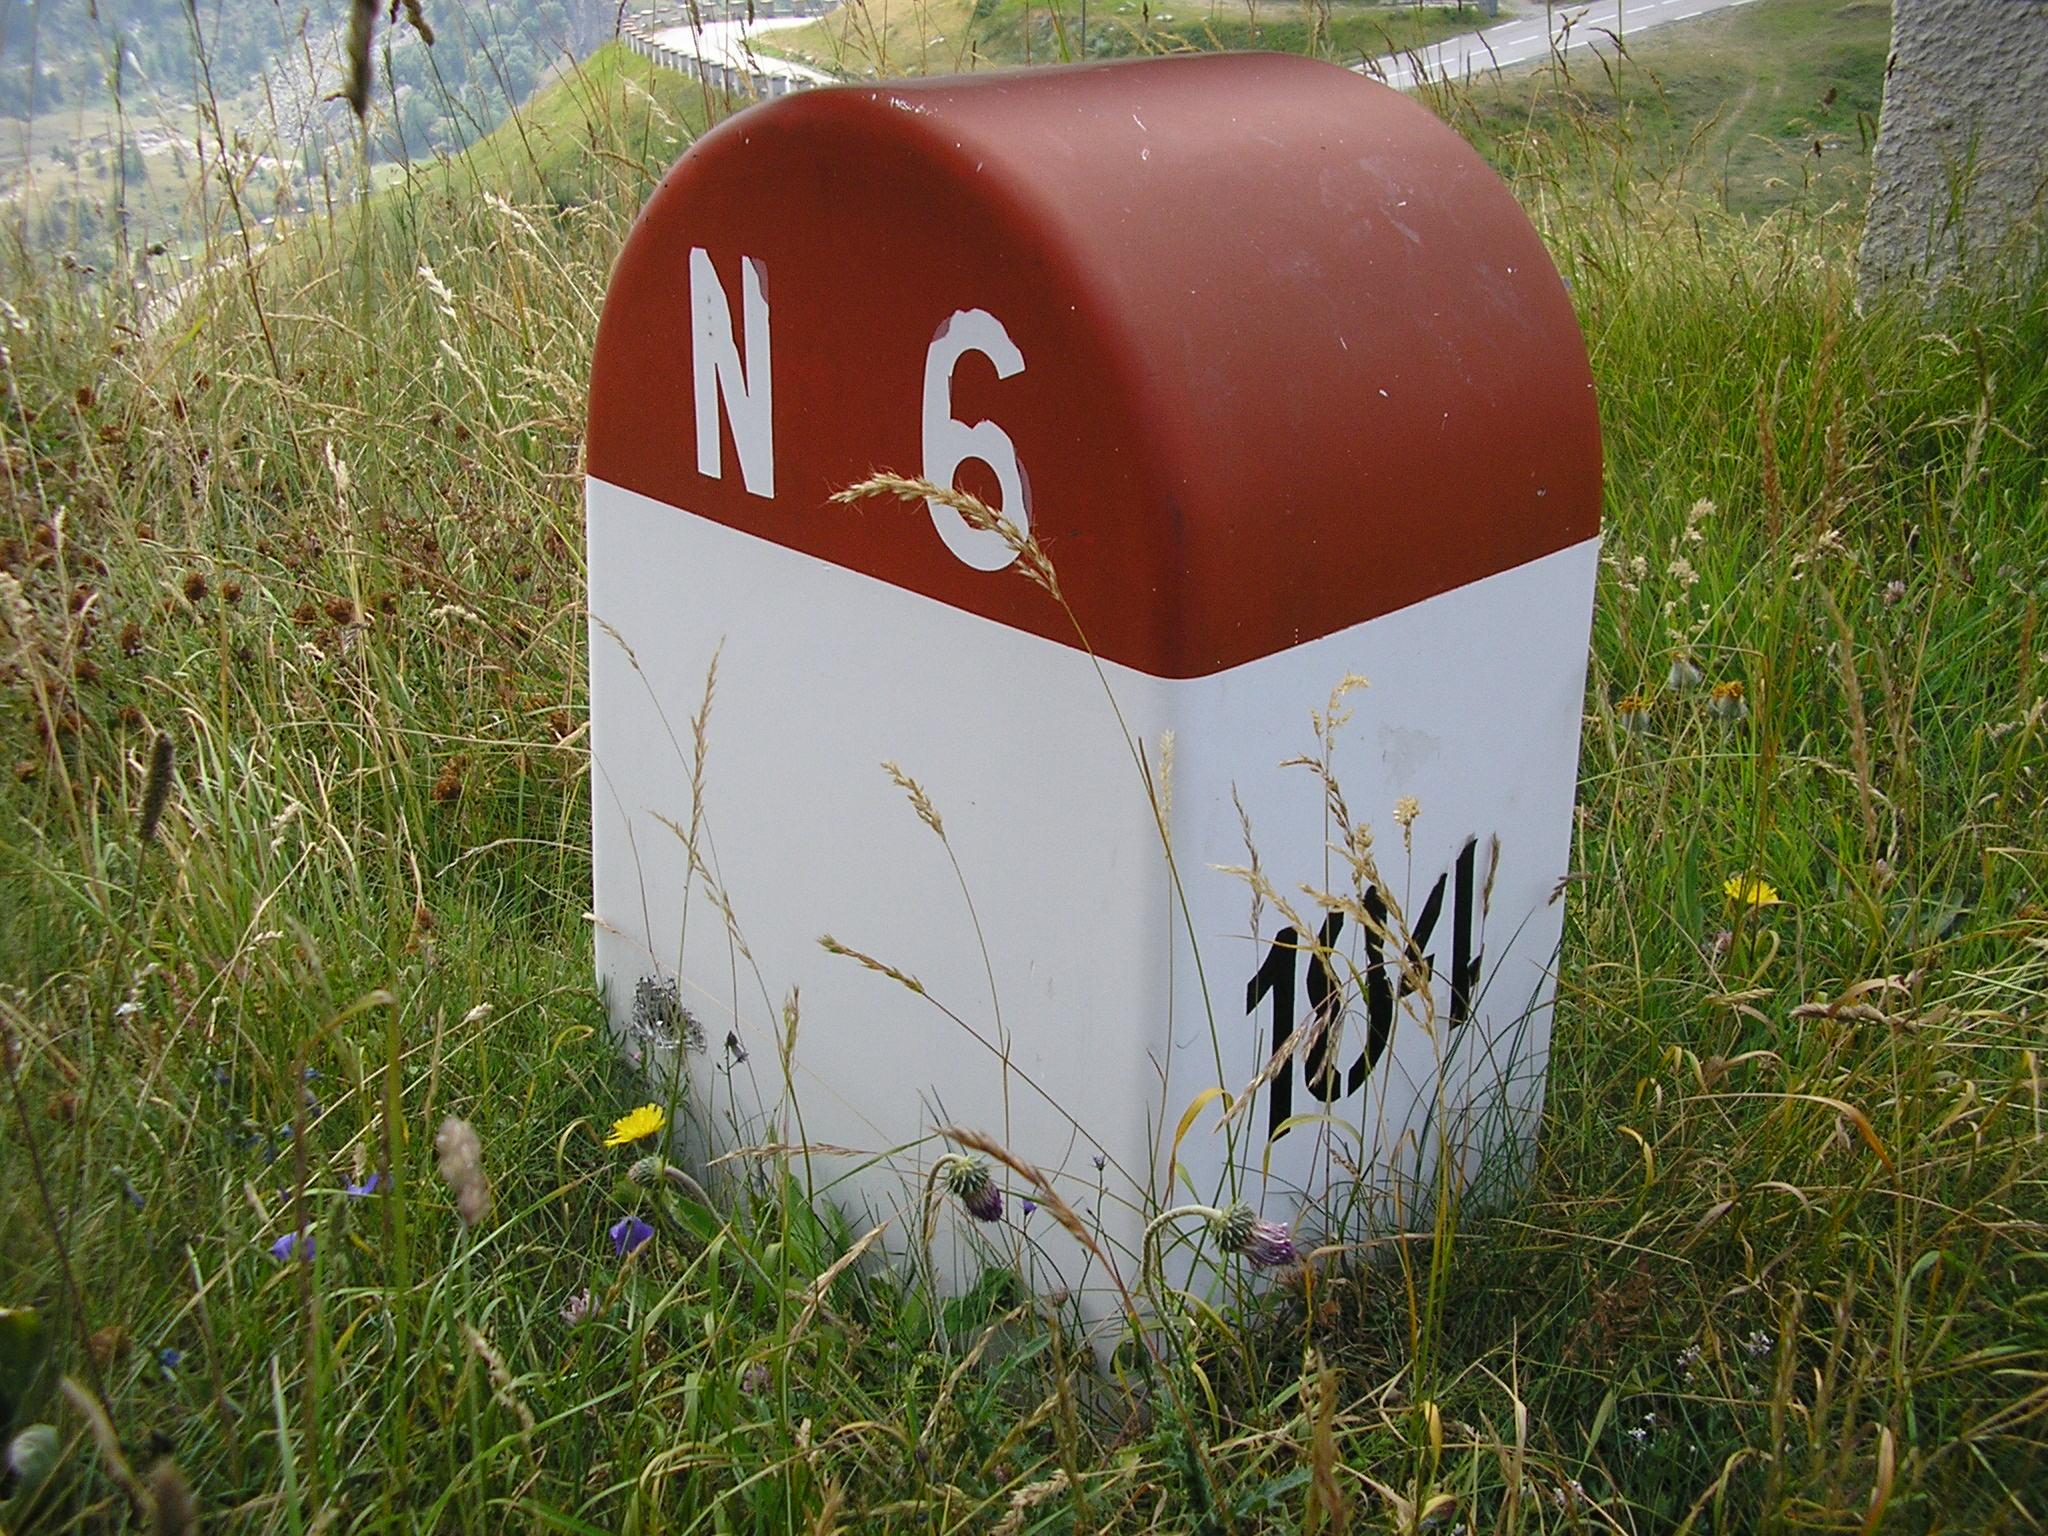 http://img1.wikia.nocookie.net/__cb20090809170651/routes/images/3/39/Mont-Cenis_-_Borne_RN6_au_dessus_des_Echelles.JPG